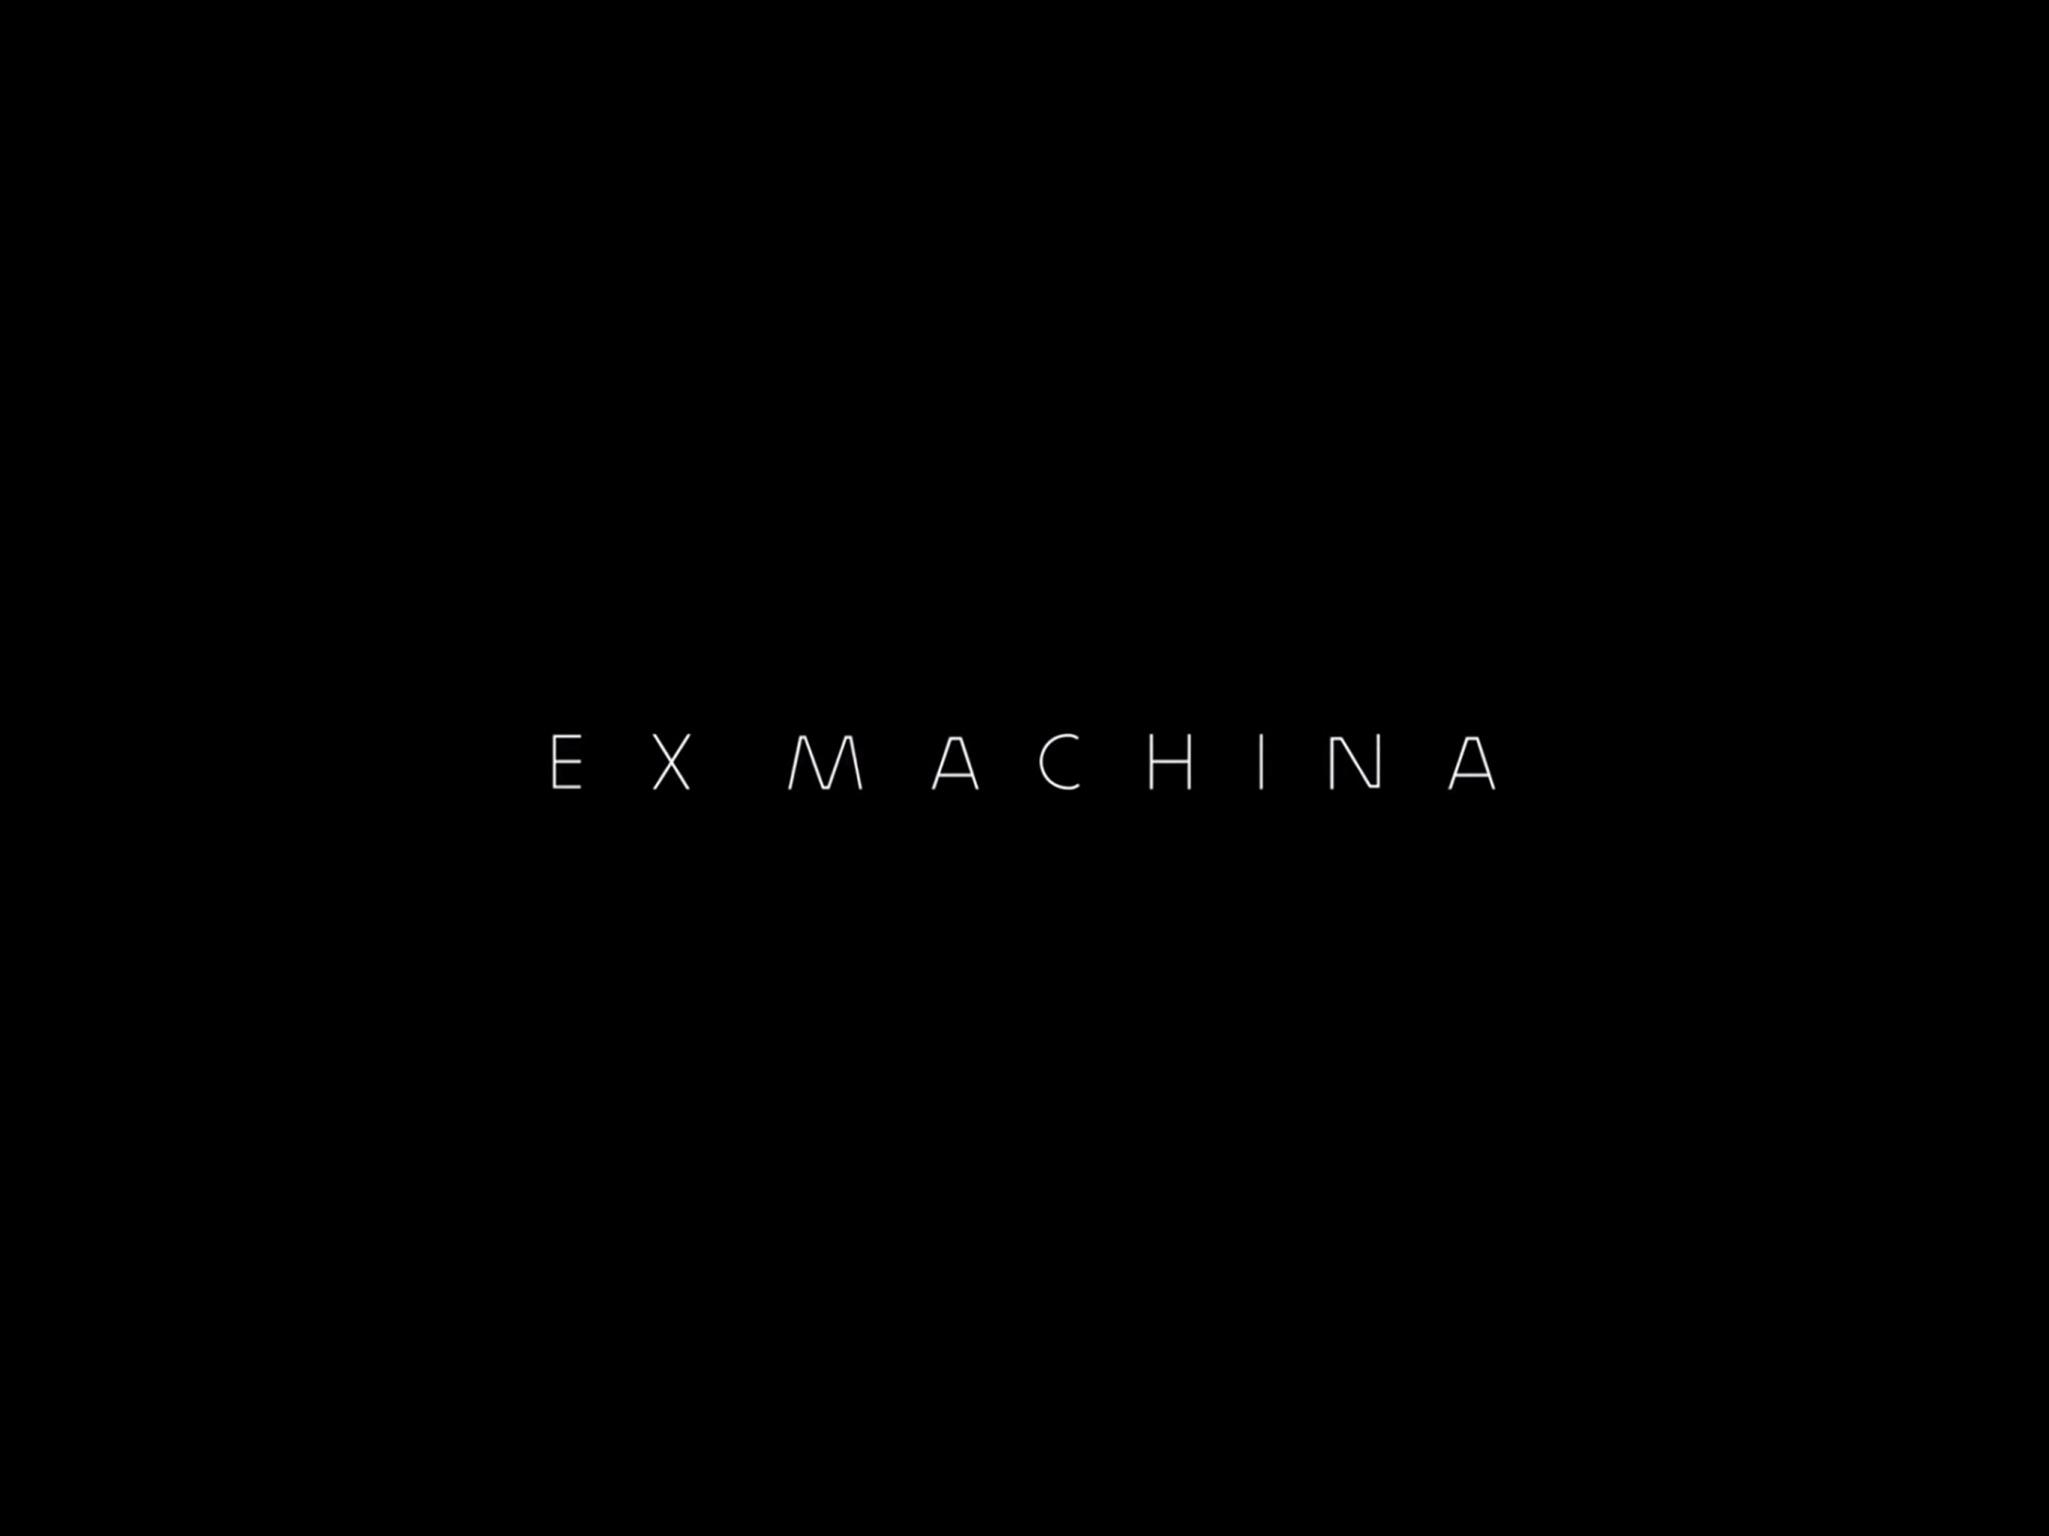 ex-machina-movie-screenshot.JPG